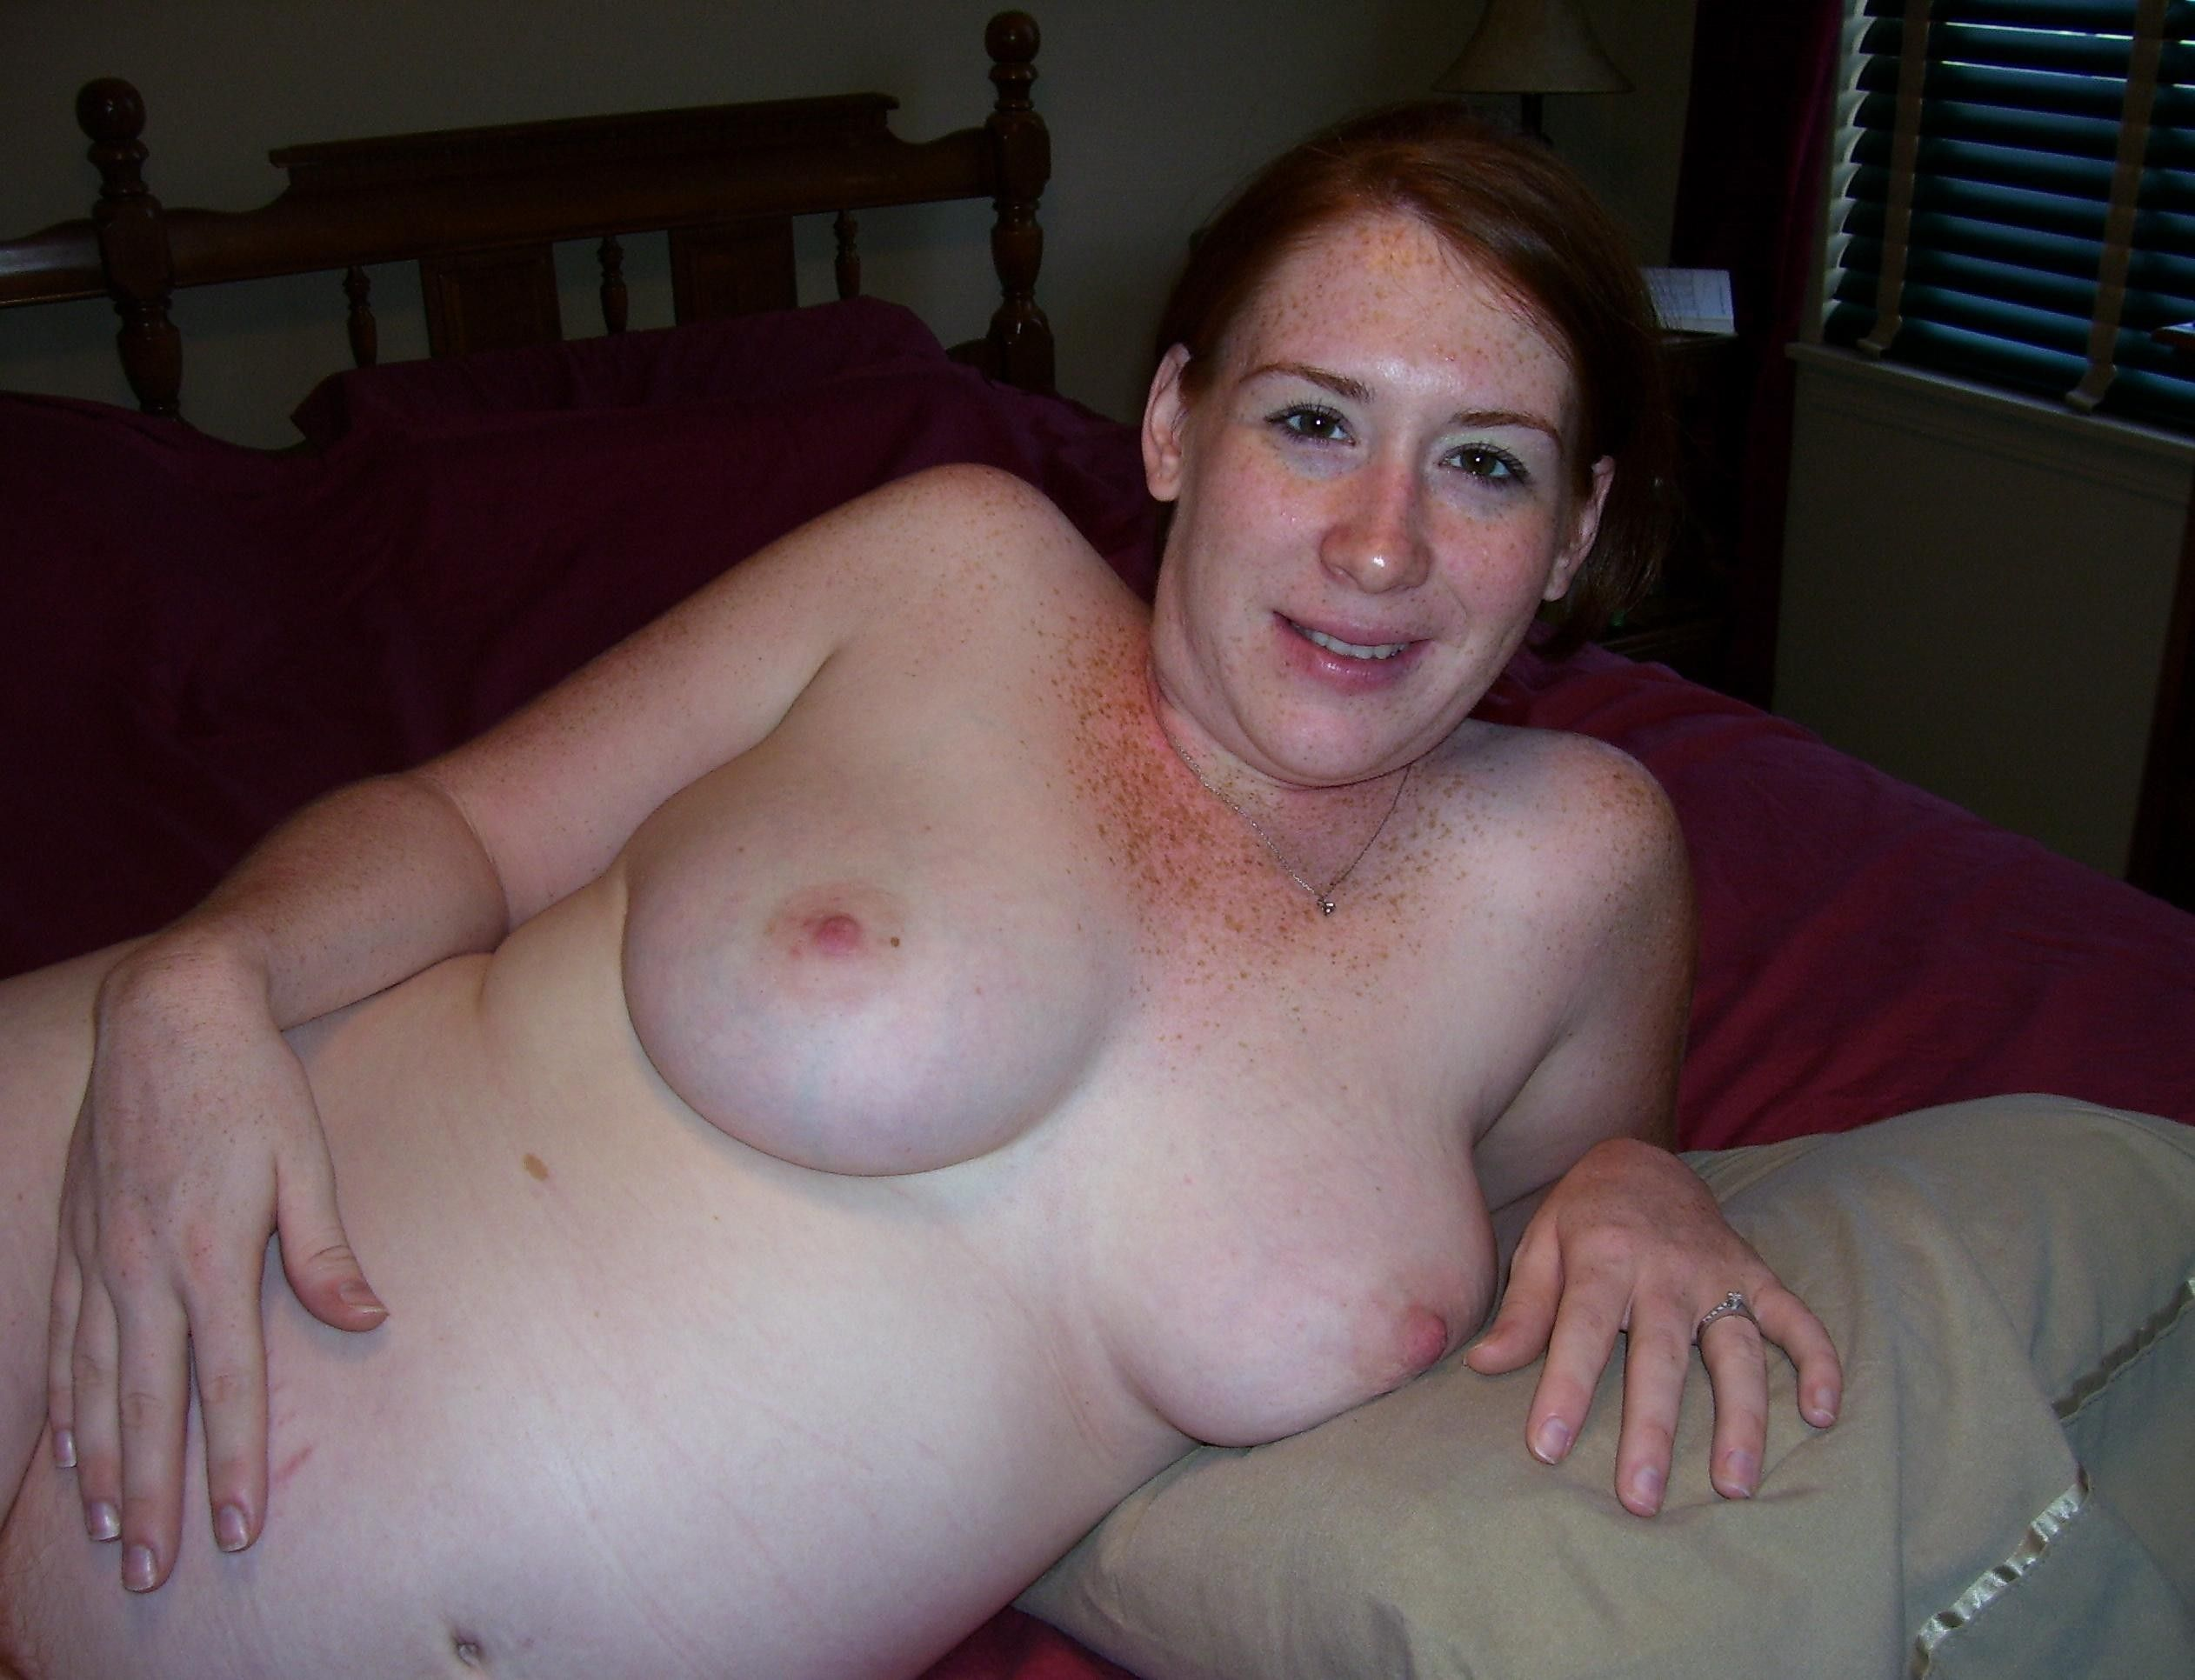 Teen girl scandinavian naked nude